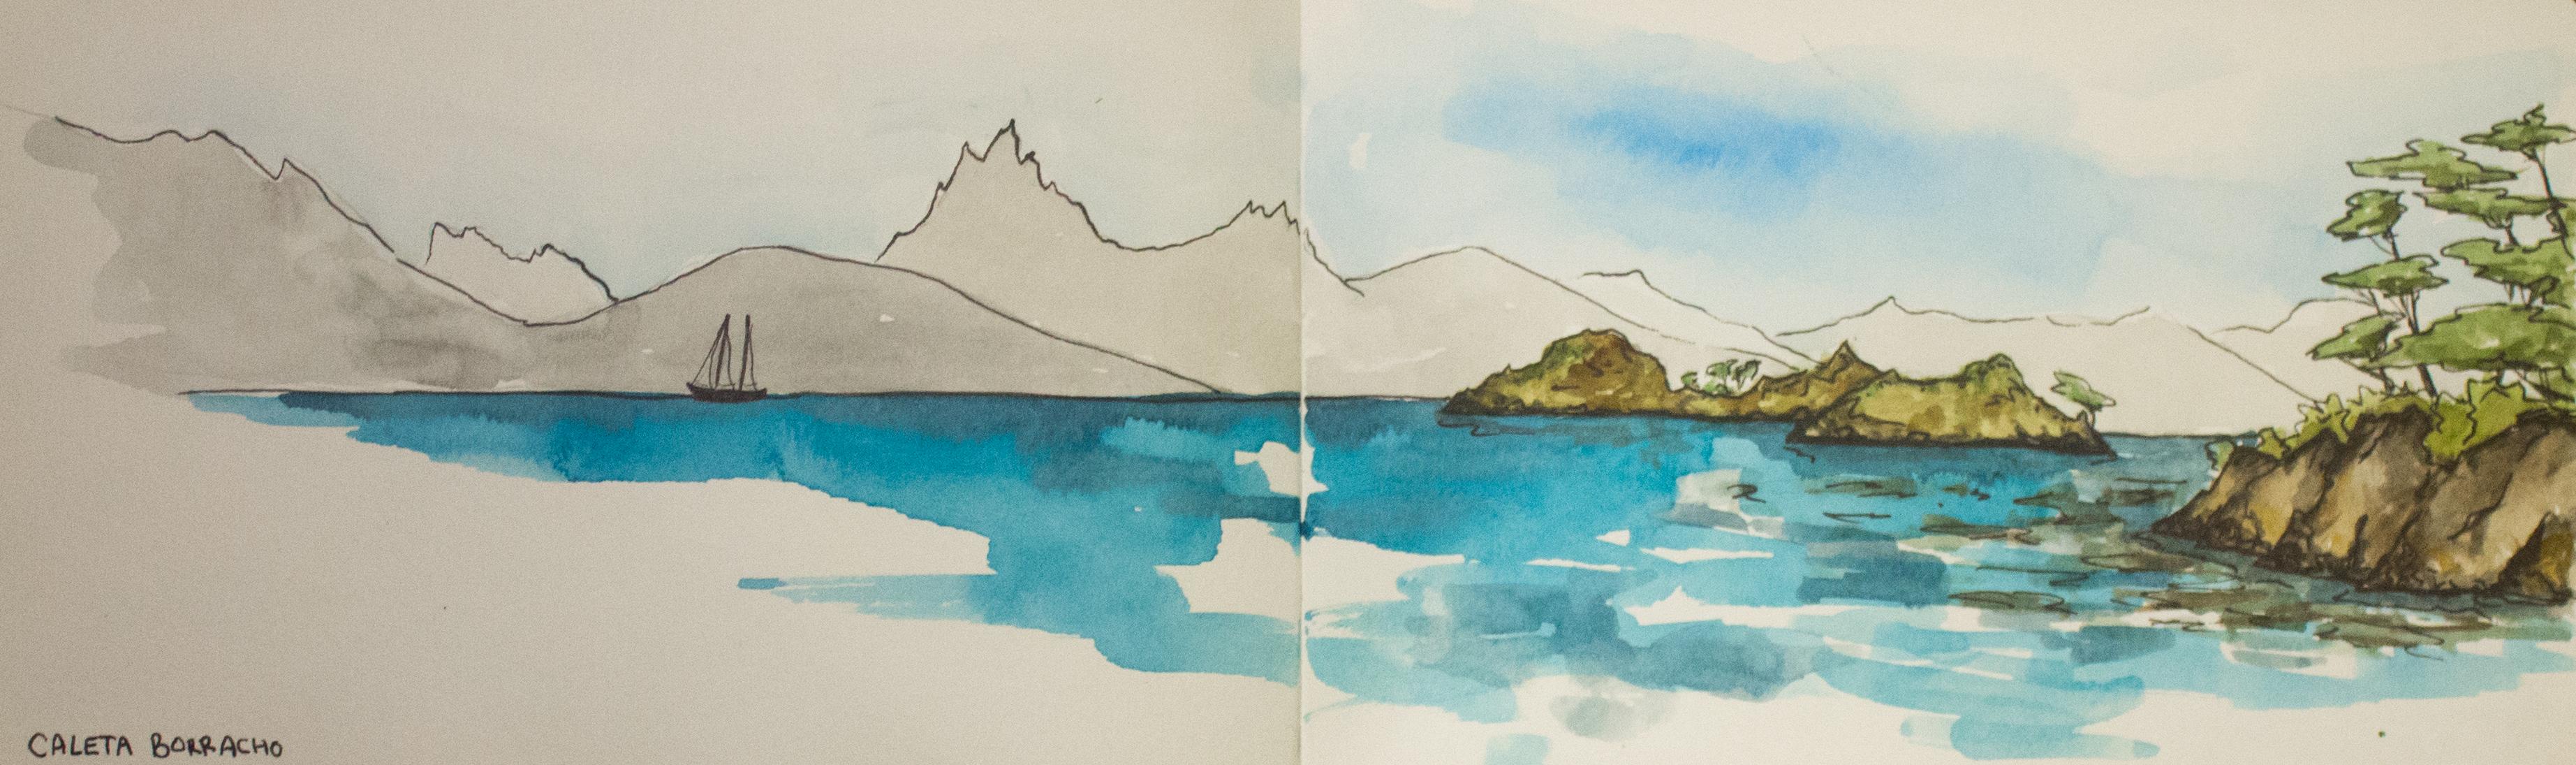 Les couleurs d'Emma - Carnet de voyage Patagonie-6